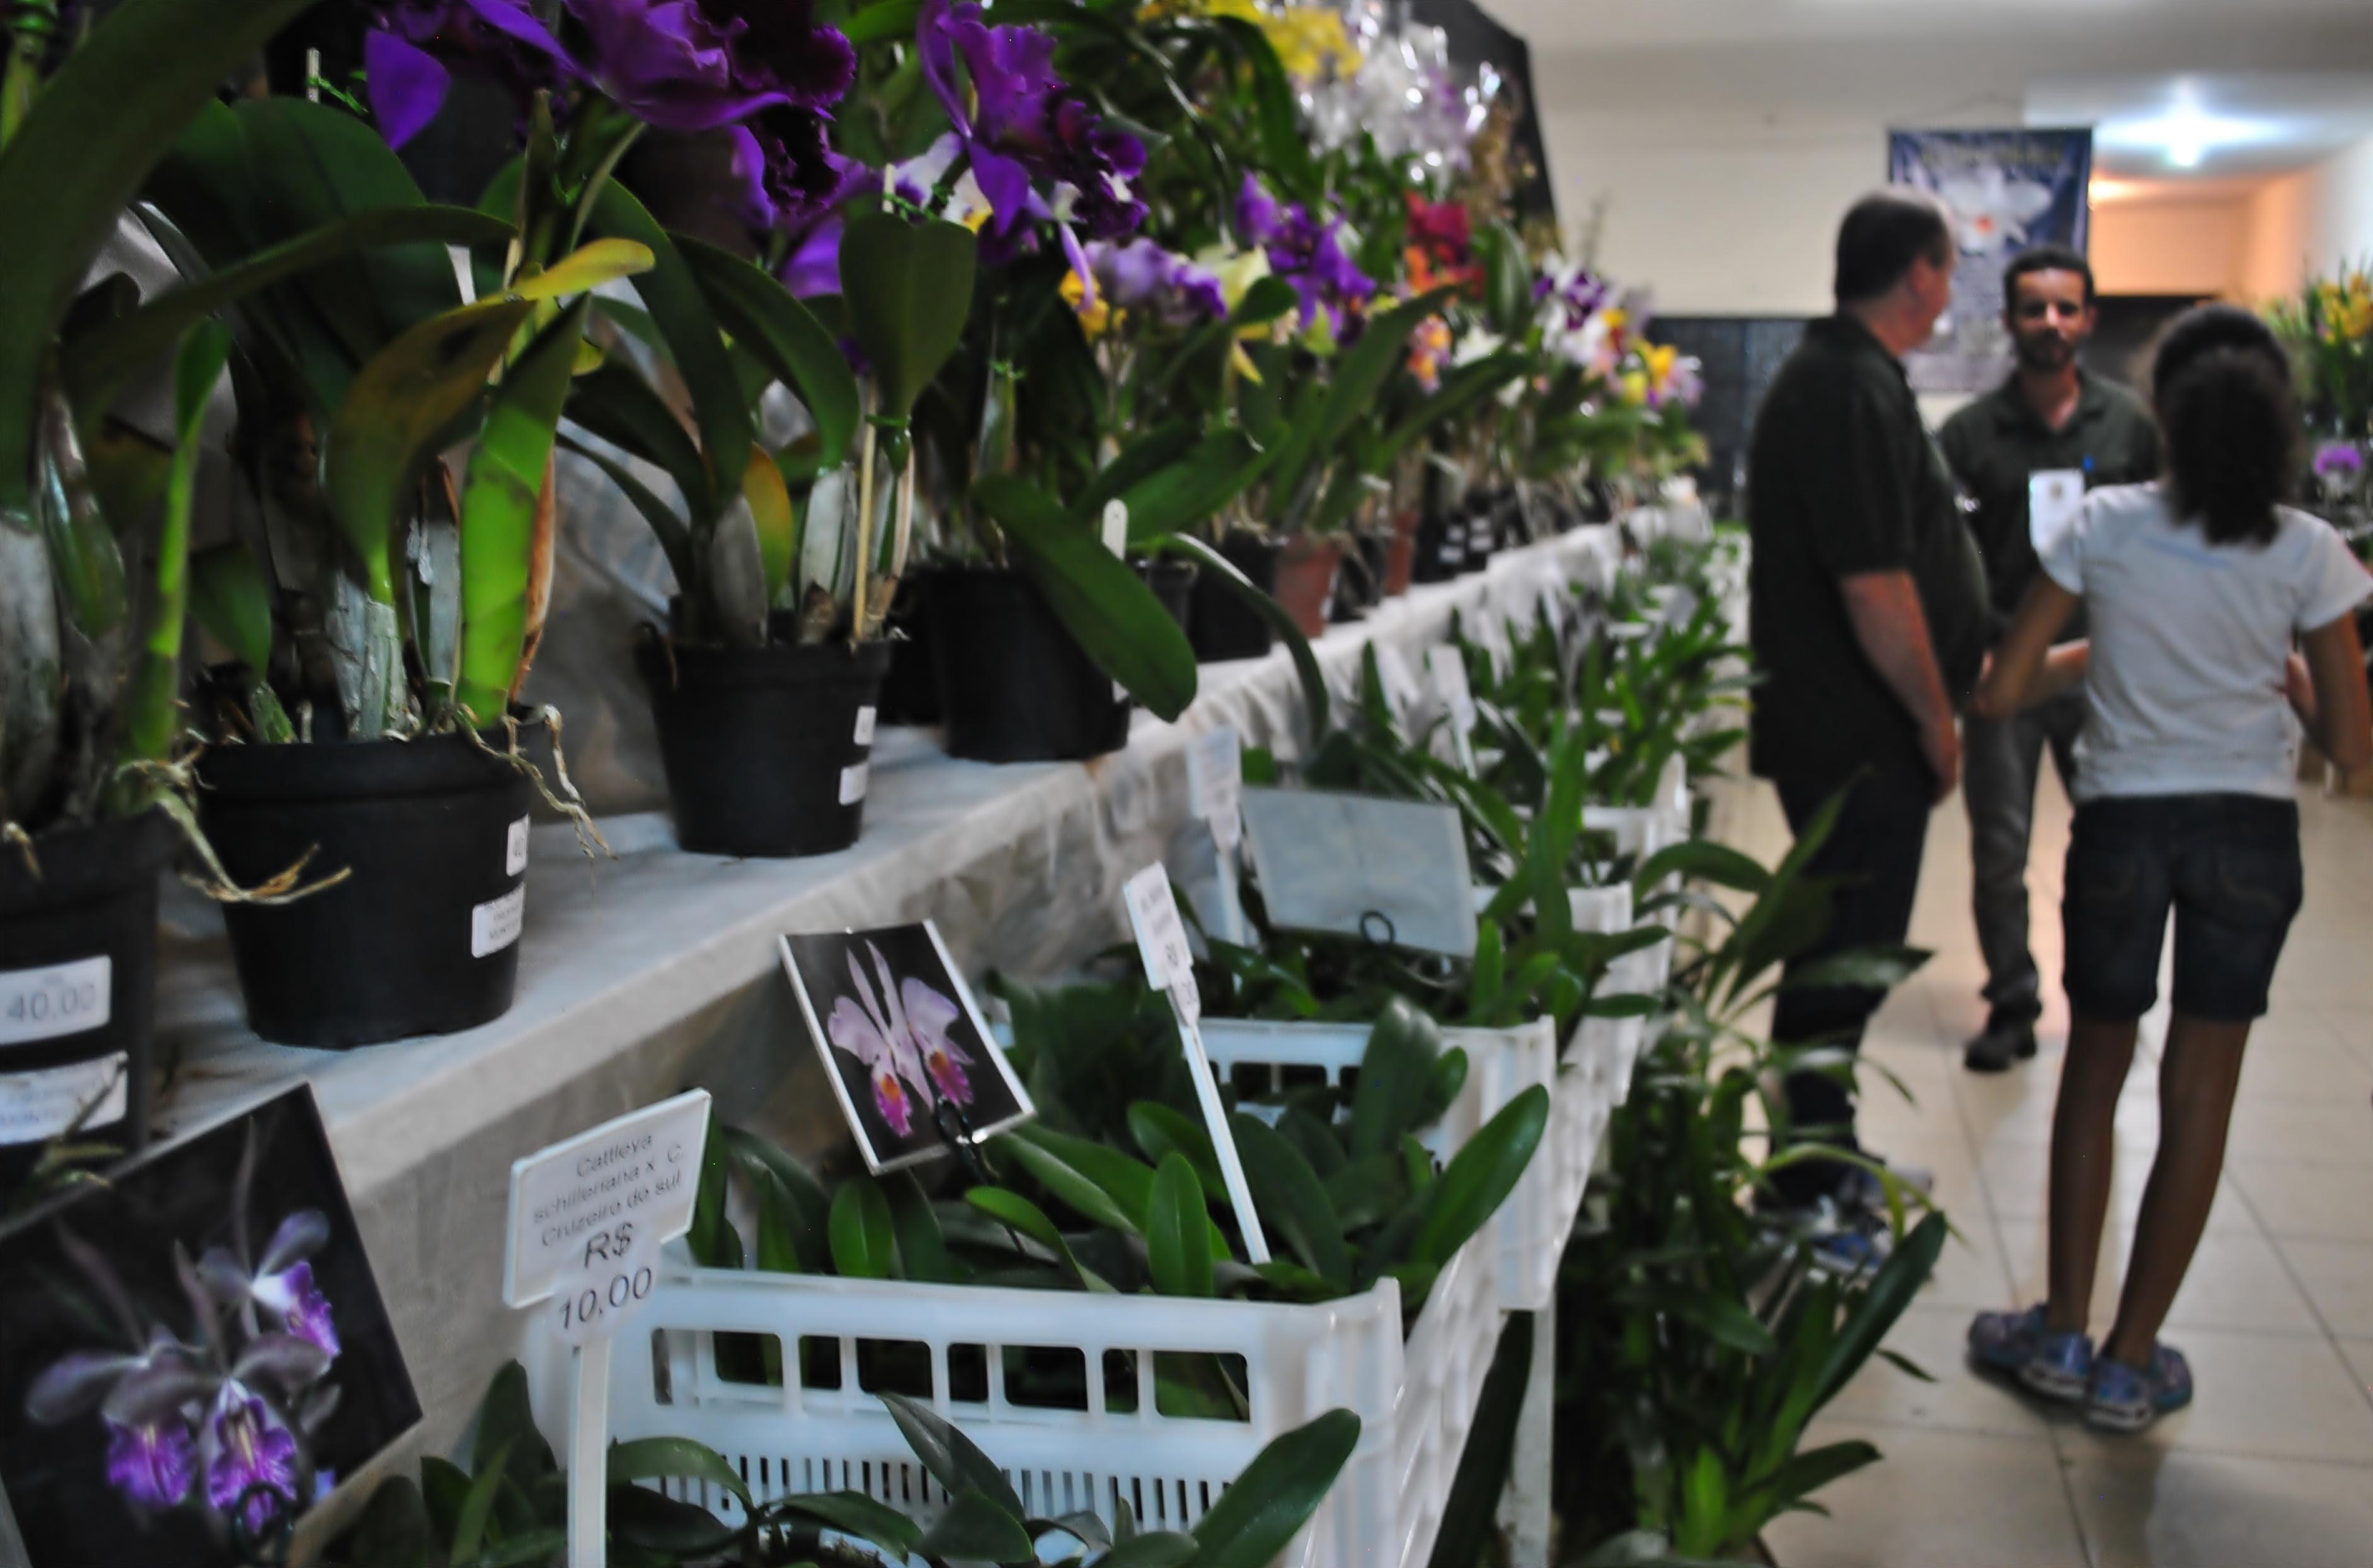 VI Exposição Nacional de Orquídeas traz diversidade de espécies a Tiradentes